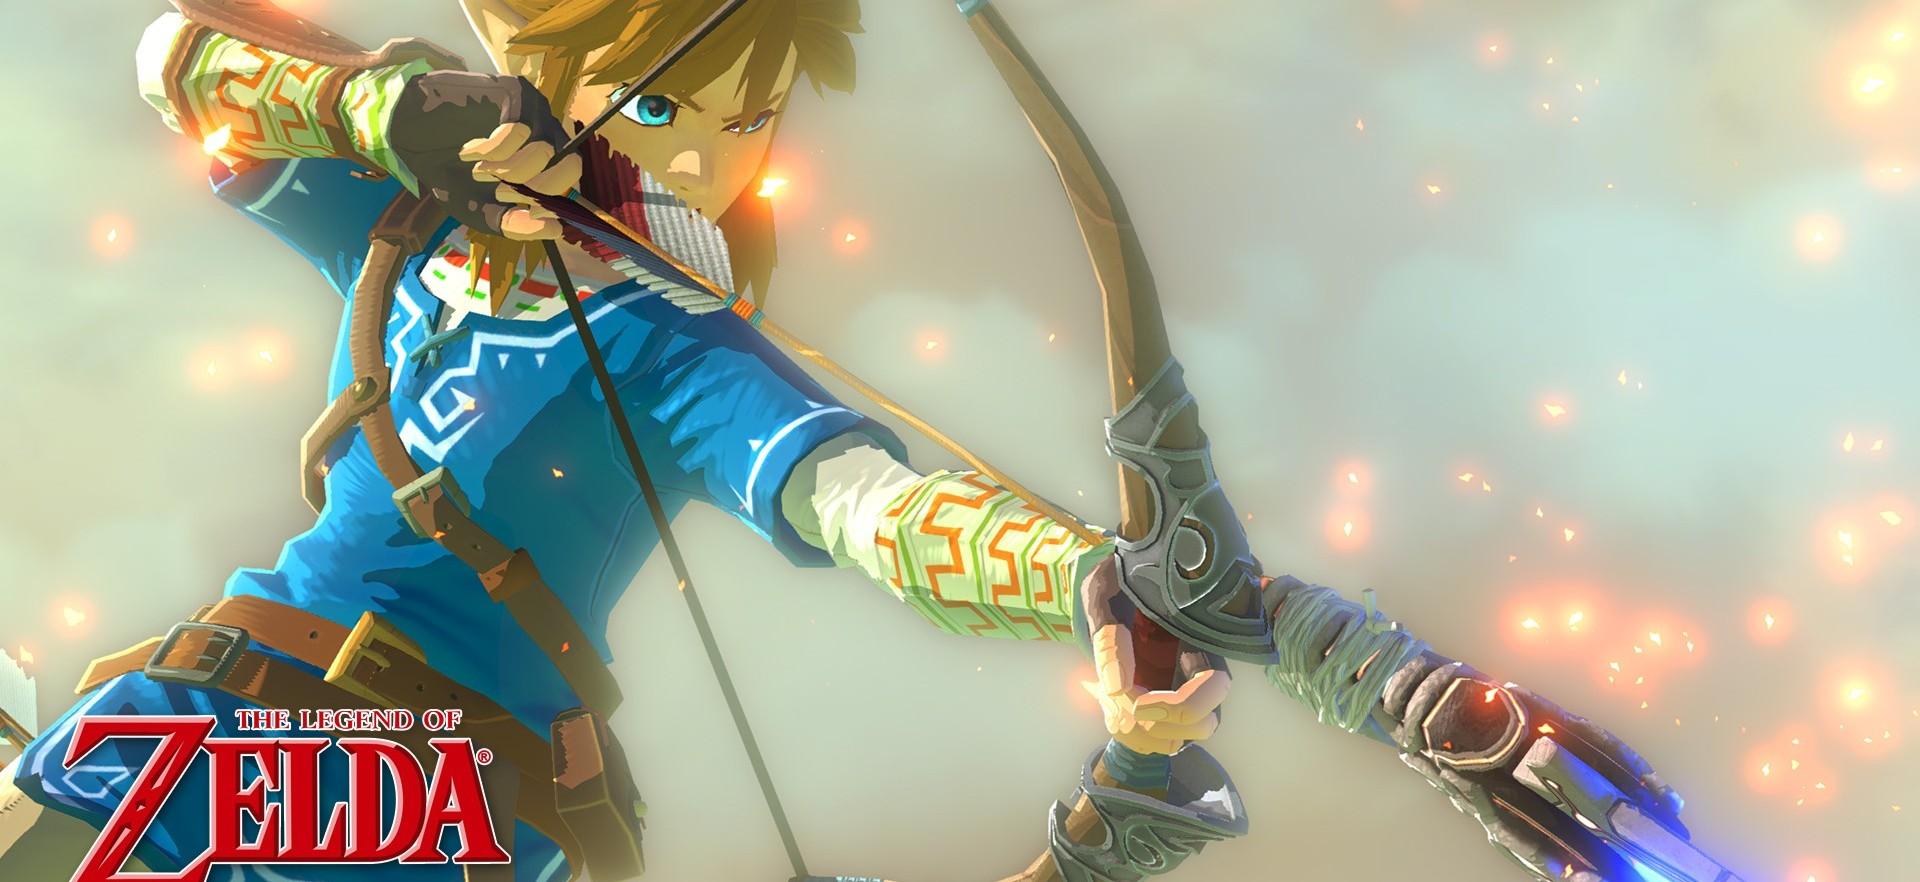 The Legend of Zelda Wii U Desktop Wallpapers are Amazing 1920x882